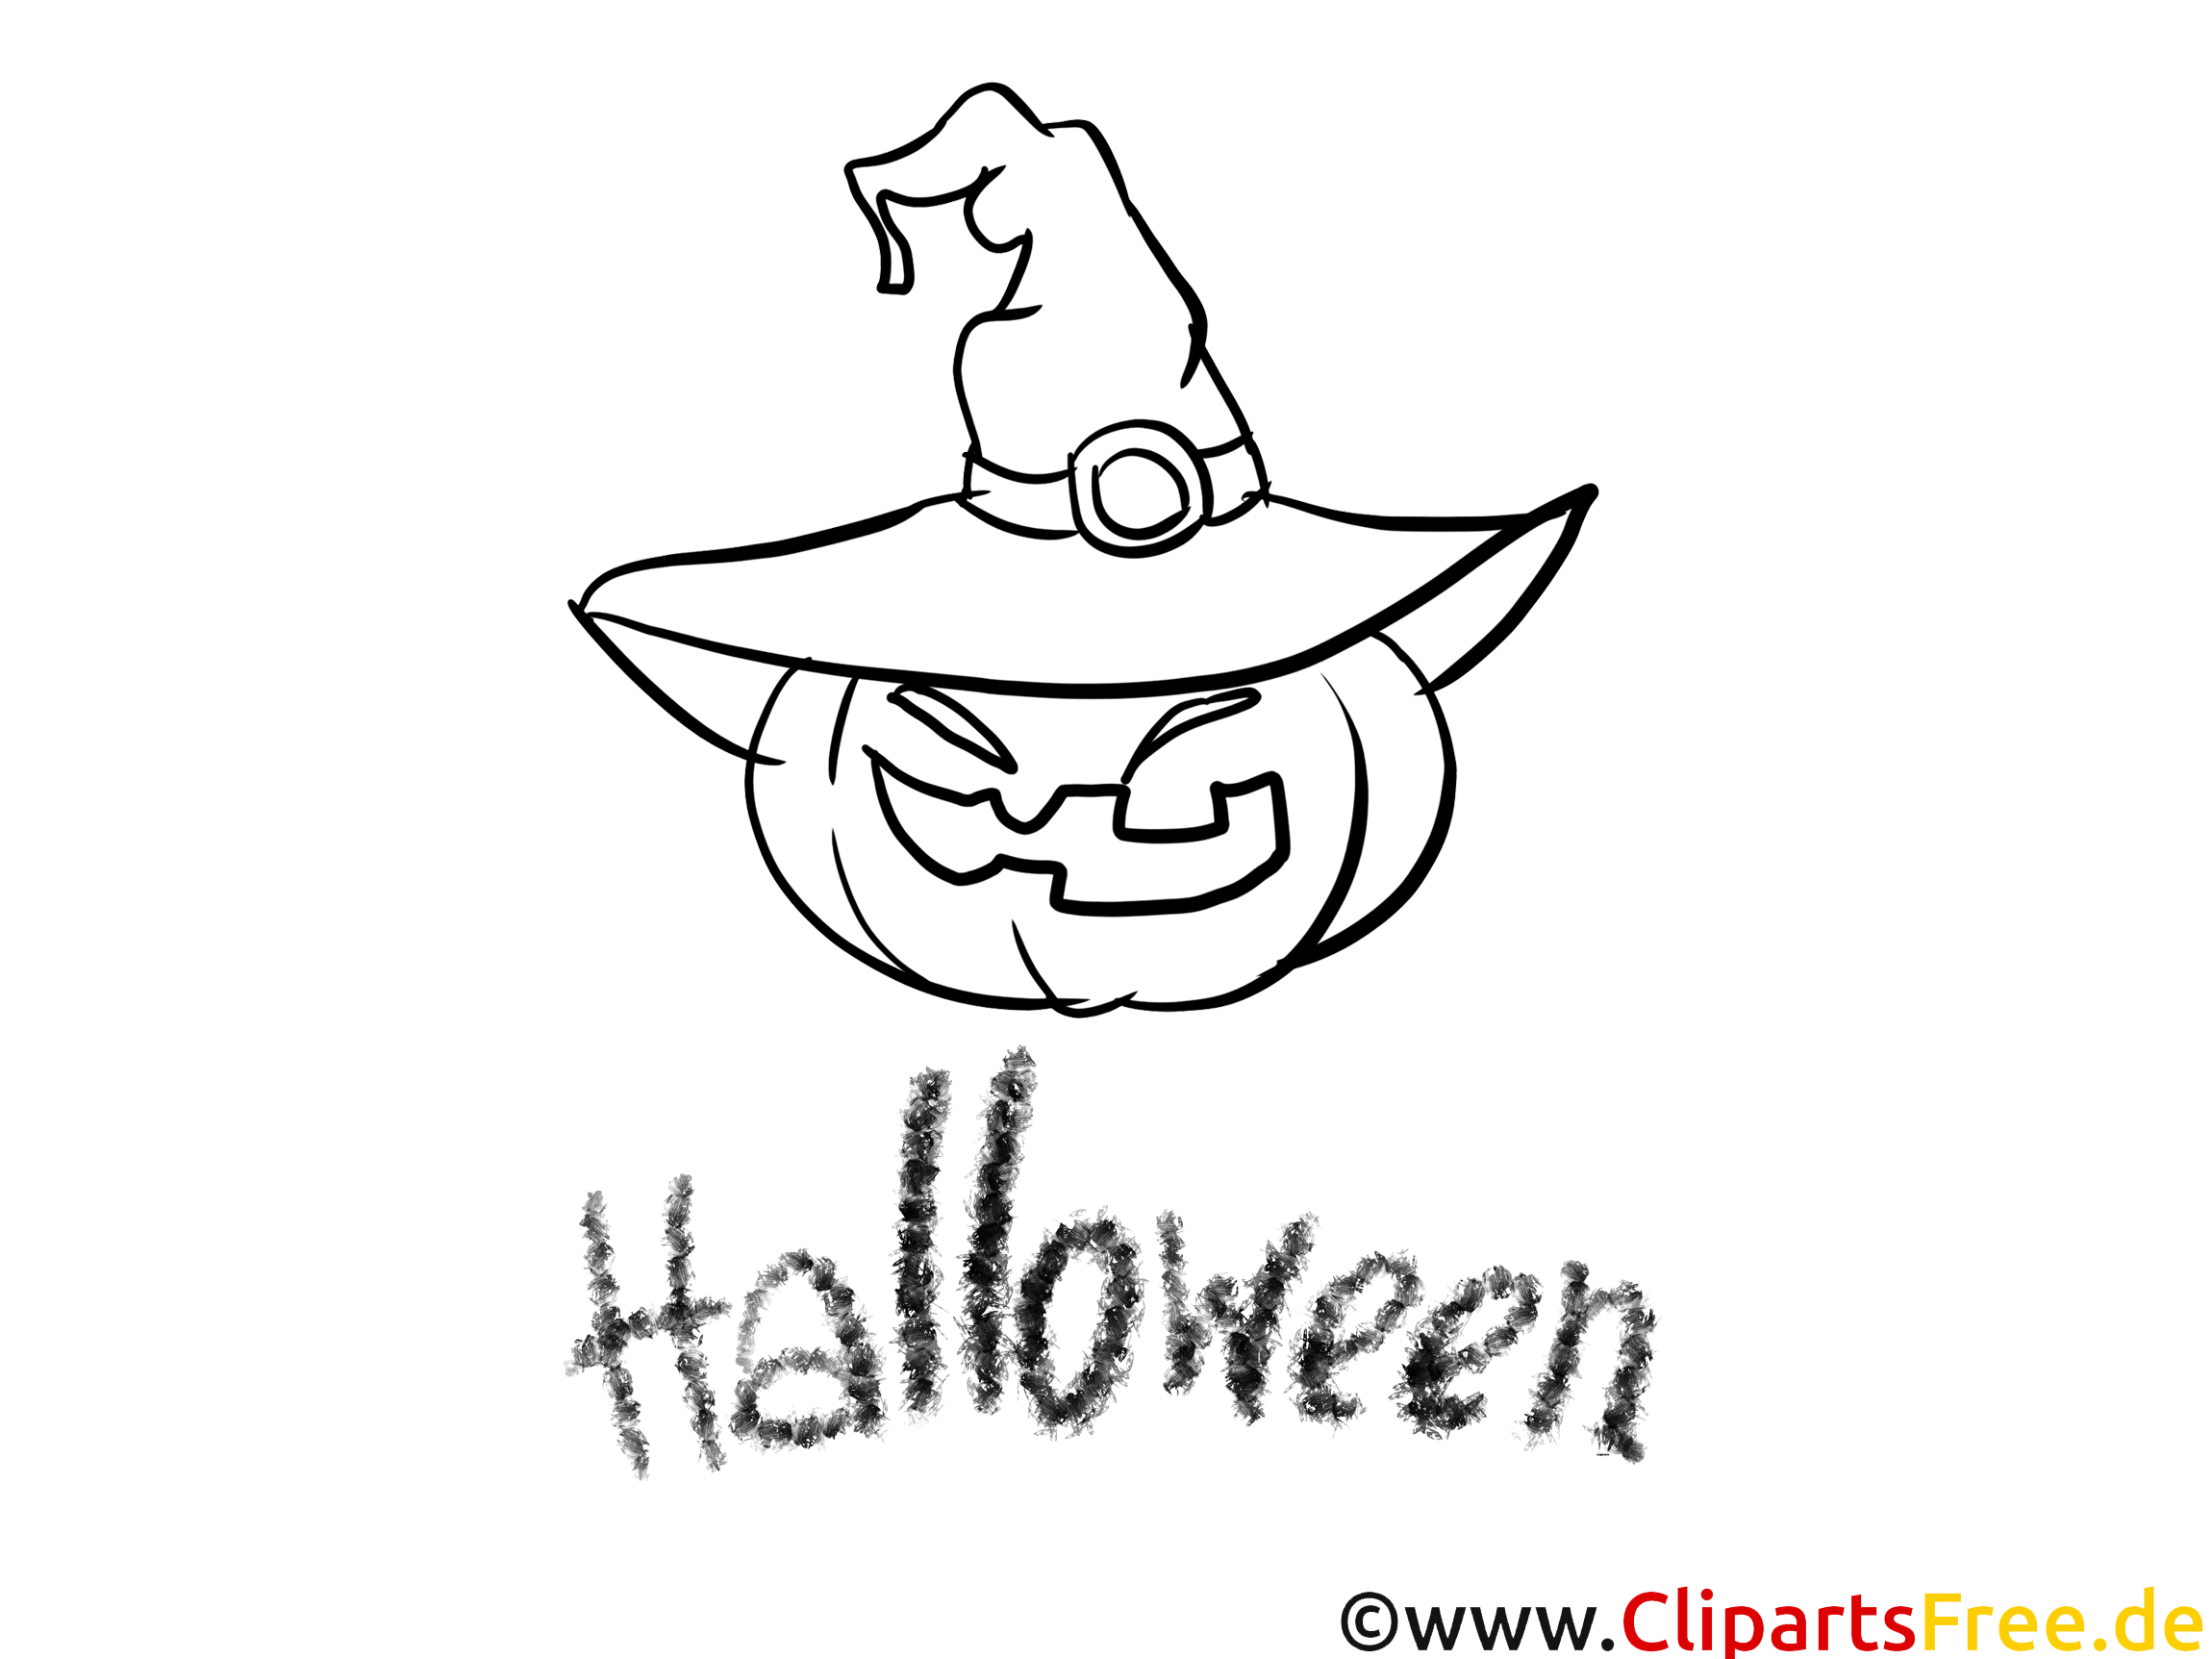 Image gratuite citrouille – Halloween à imprimer